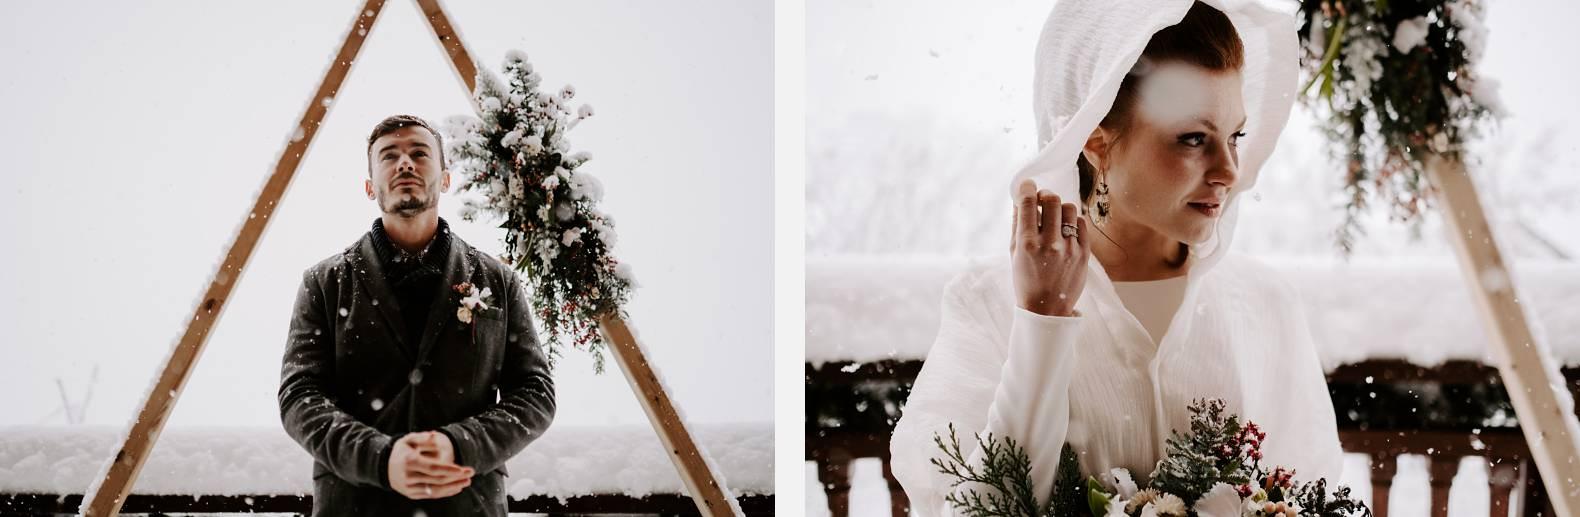 mariage hiver alpes huez isere hotel grandes rousses photographe bel esprit 0029